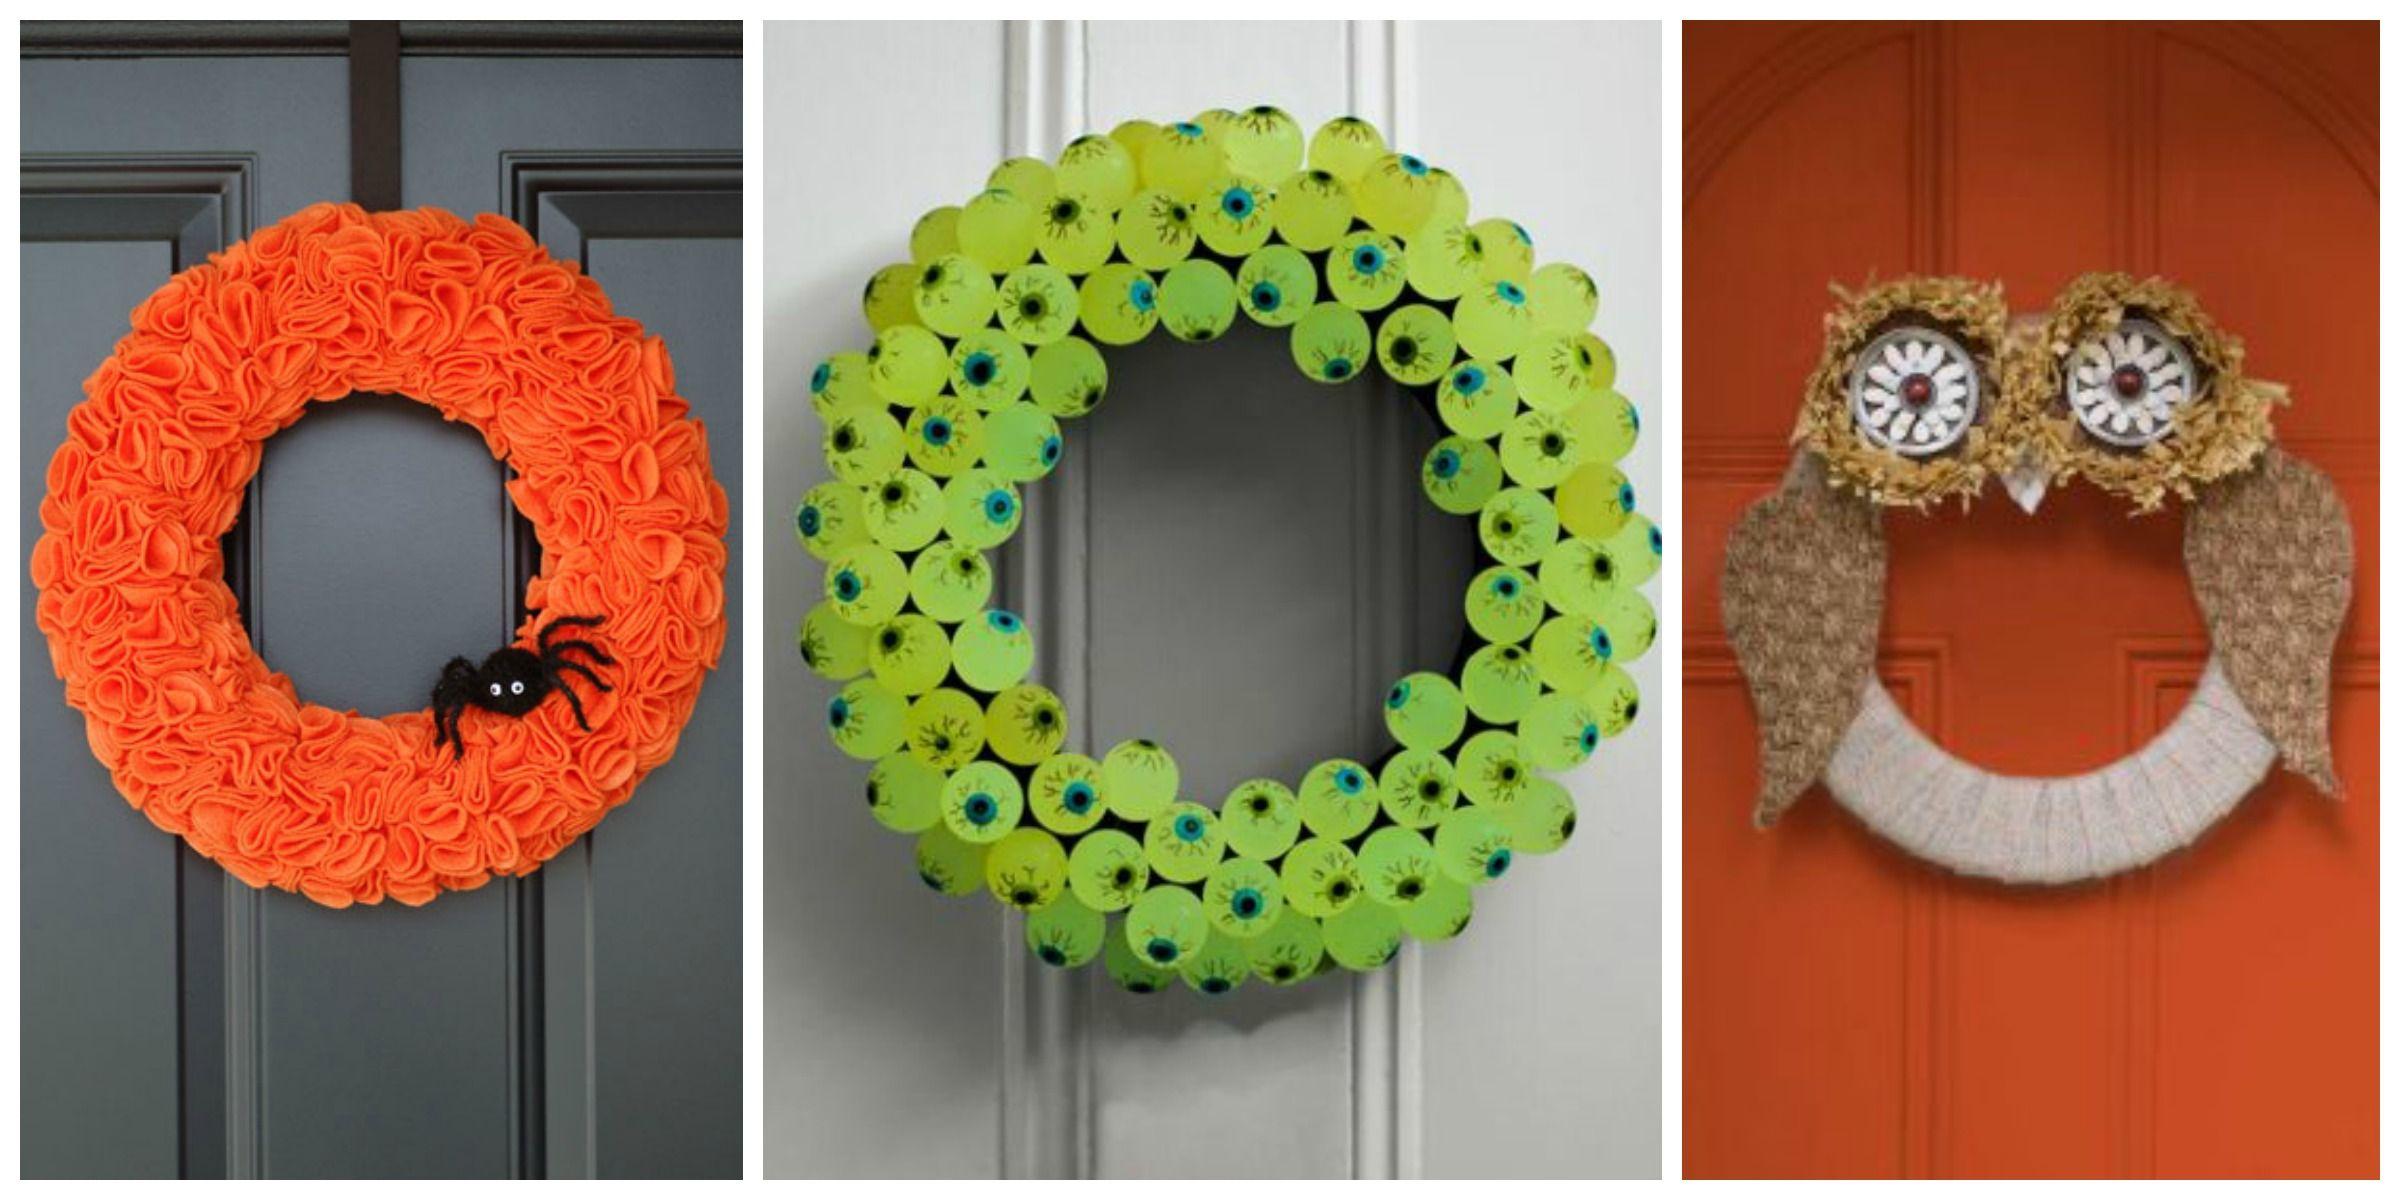 30+ DIY Halloween Wreaths - How to Make Halloween Door Decorations Ideas